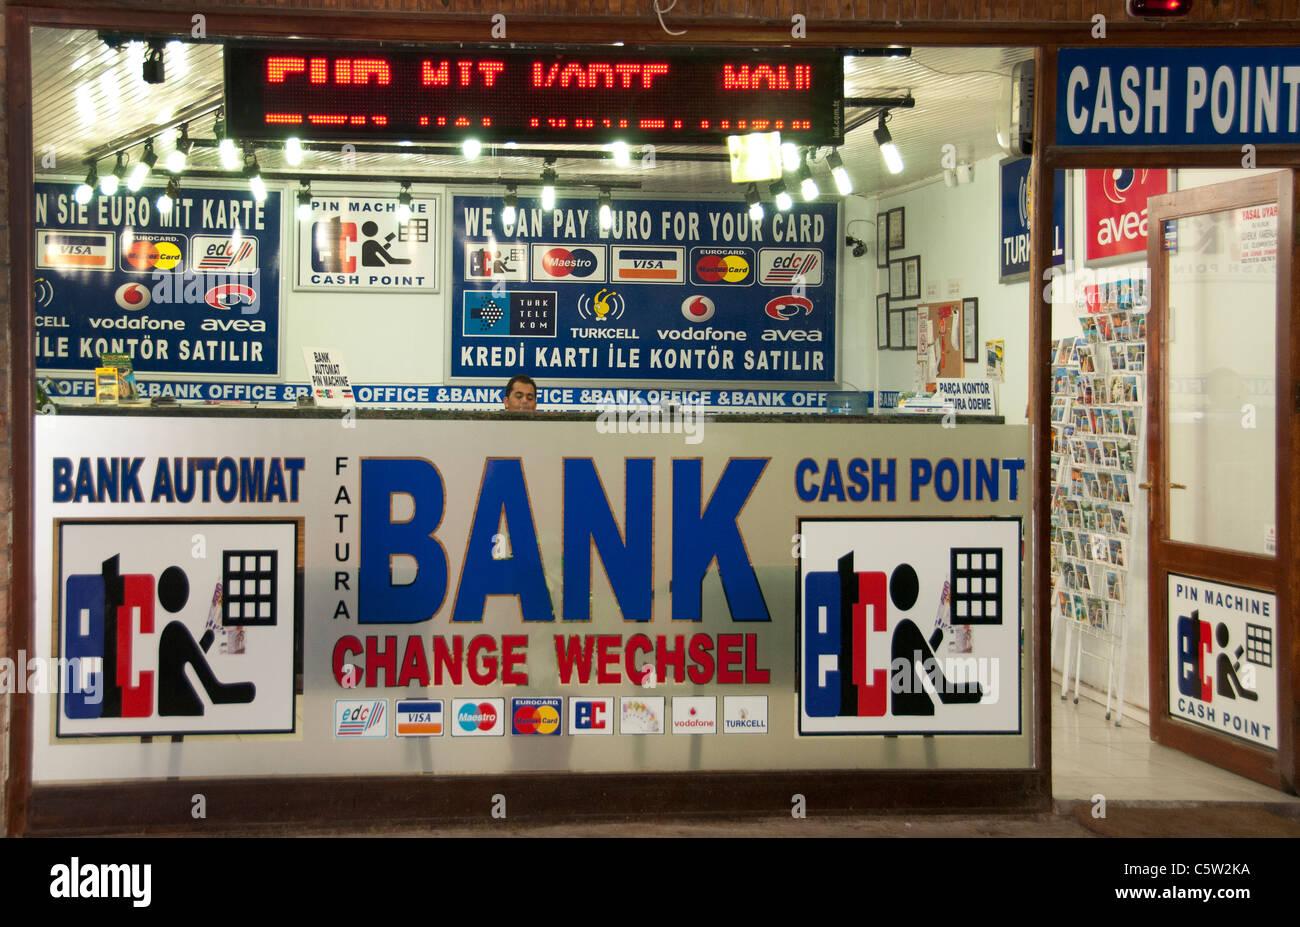 Lado de la Ciudad de Turquía Banco cajero bancario Monet cambiar Imagen De Stock